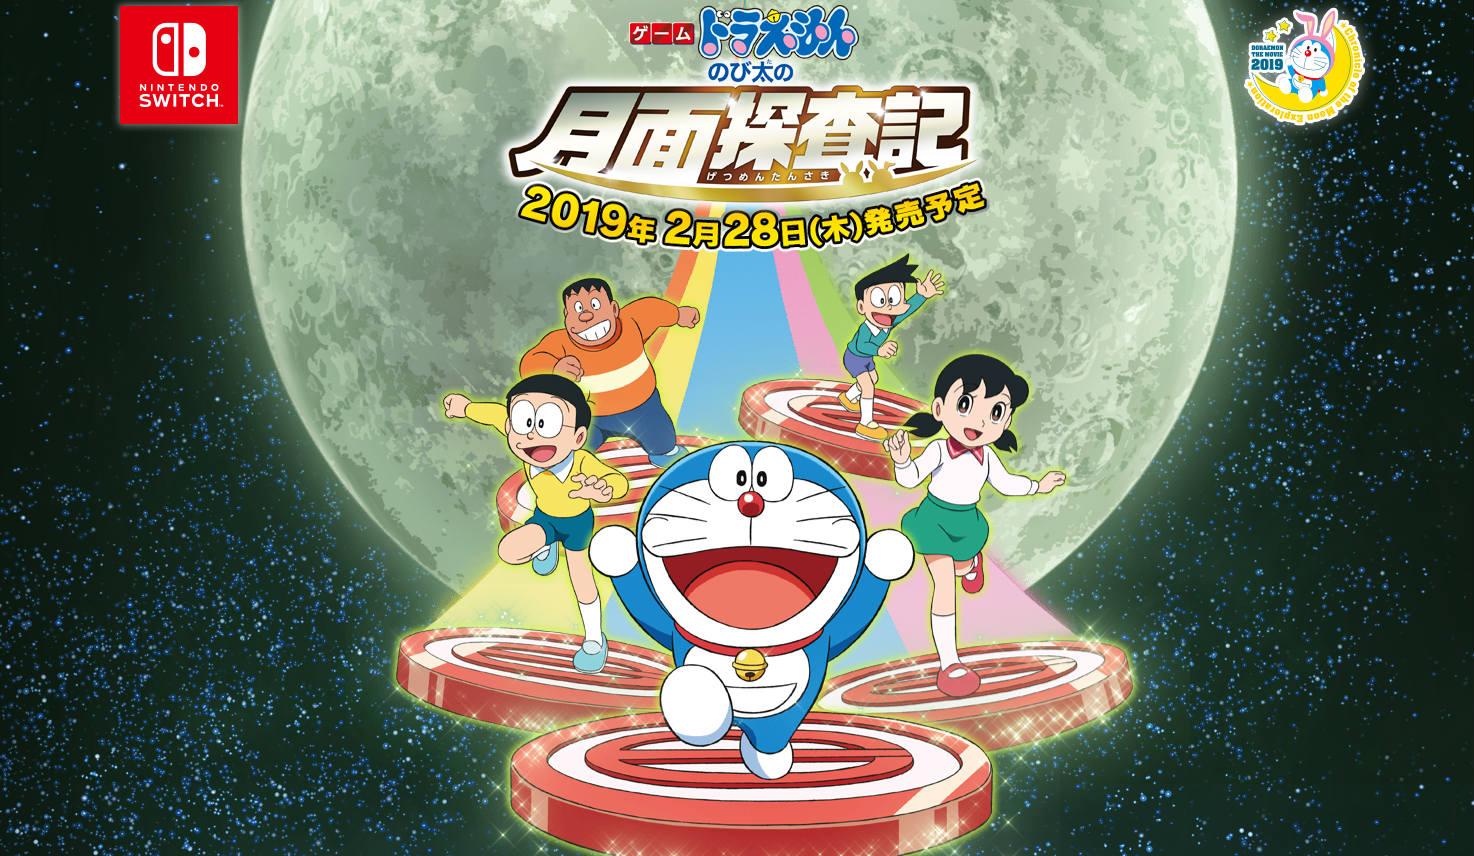 Anunciado Nuevo Juego De Doraemon Para Nintendo Switch